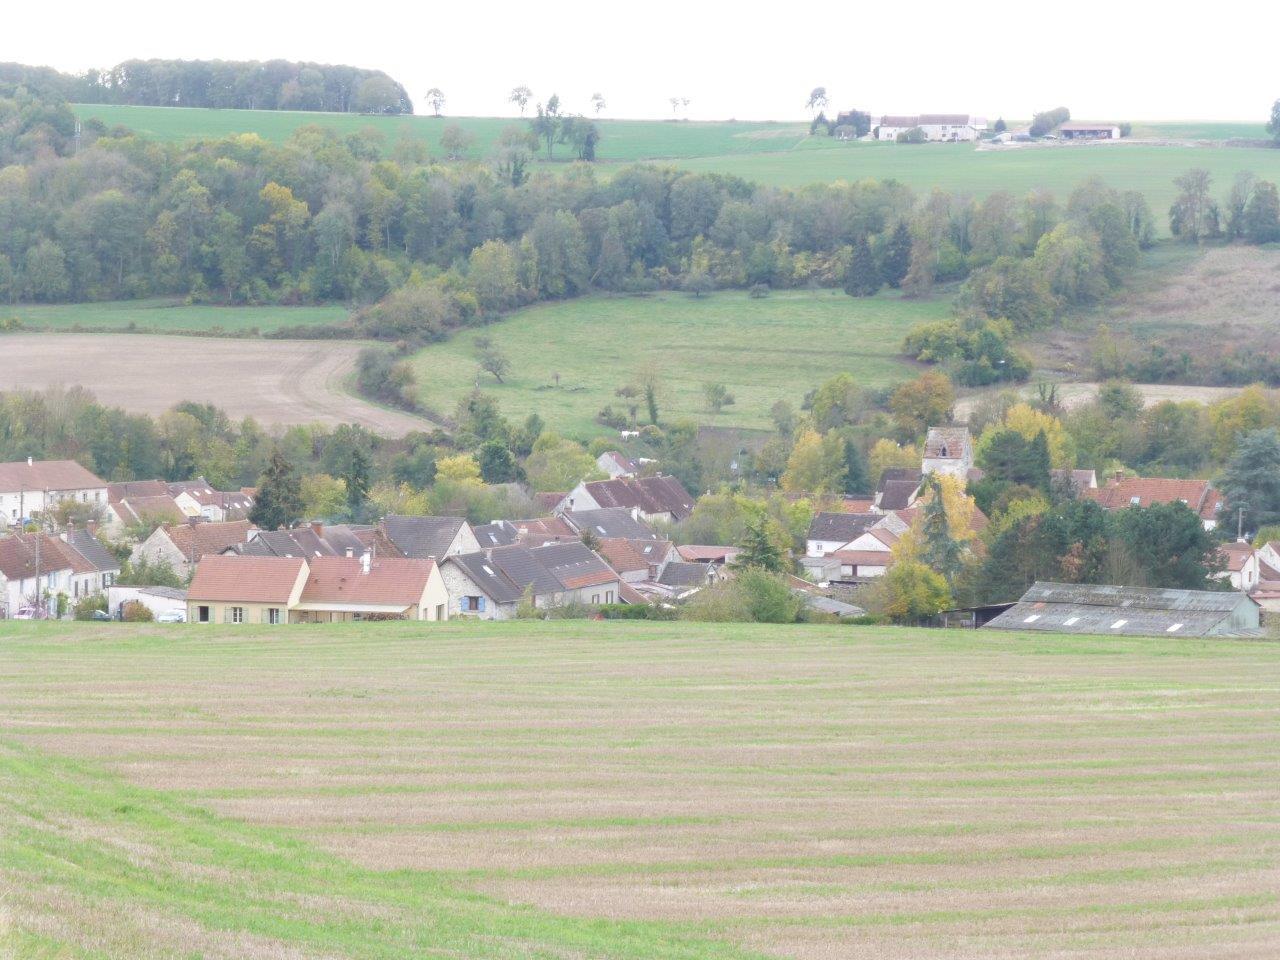 Baulne-en-Brie est le chef-lieu de la commune nouvelle Vallées-en-Champagne qui comprend également les communes déléguées de La Chapelle-Monthodon et Saint-Agnan.